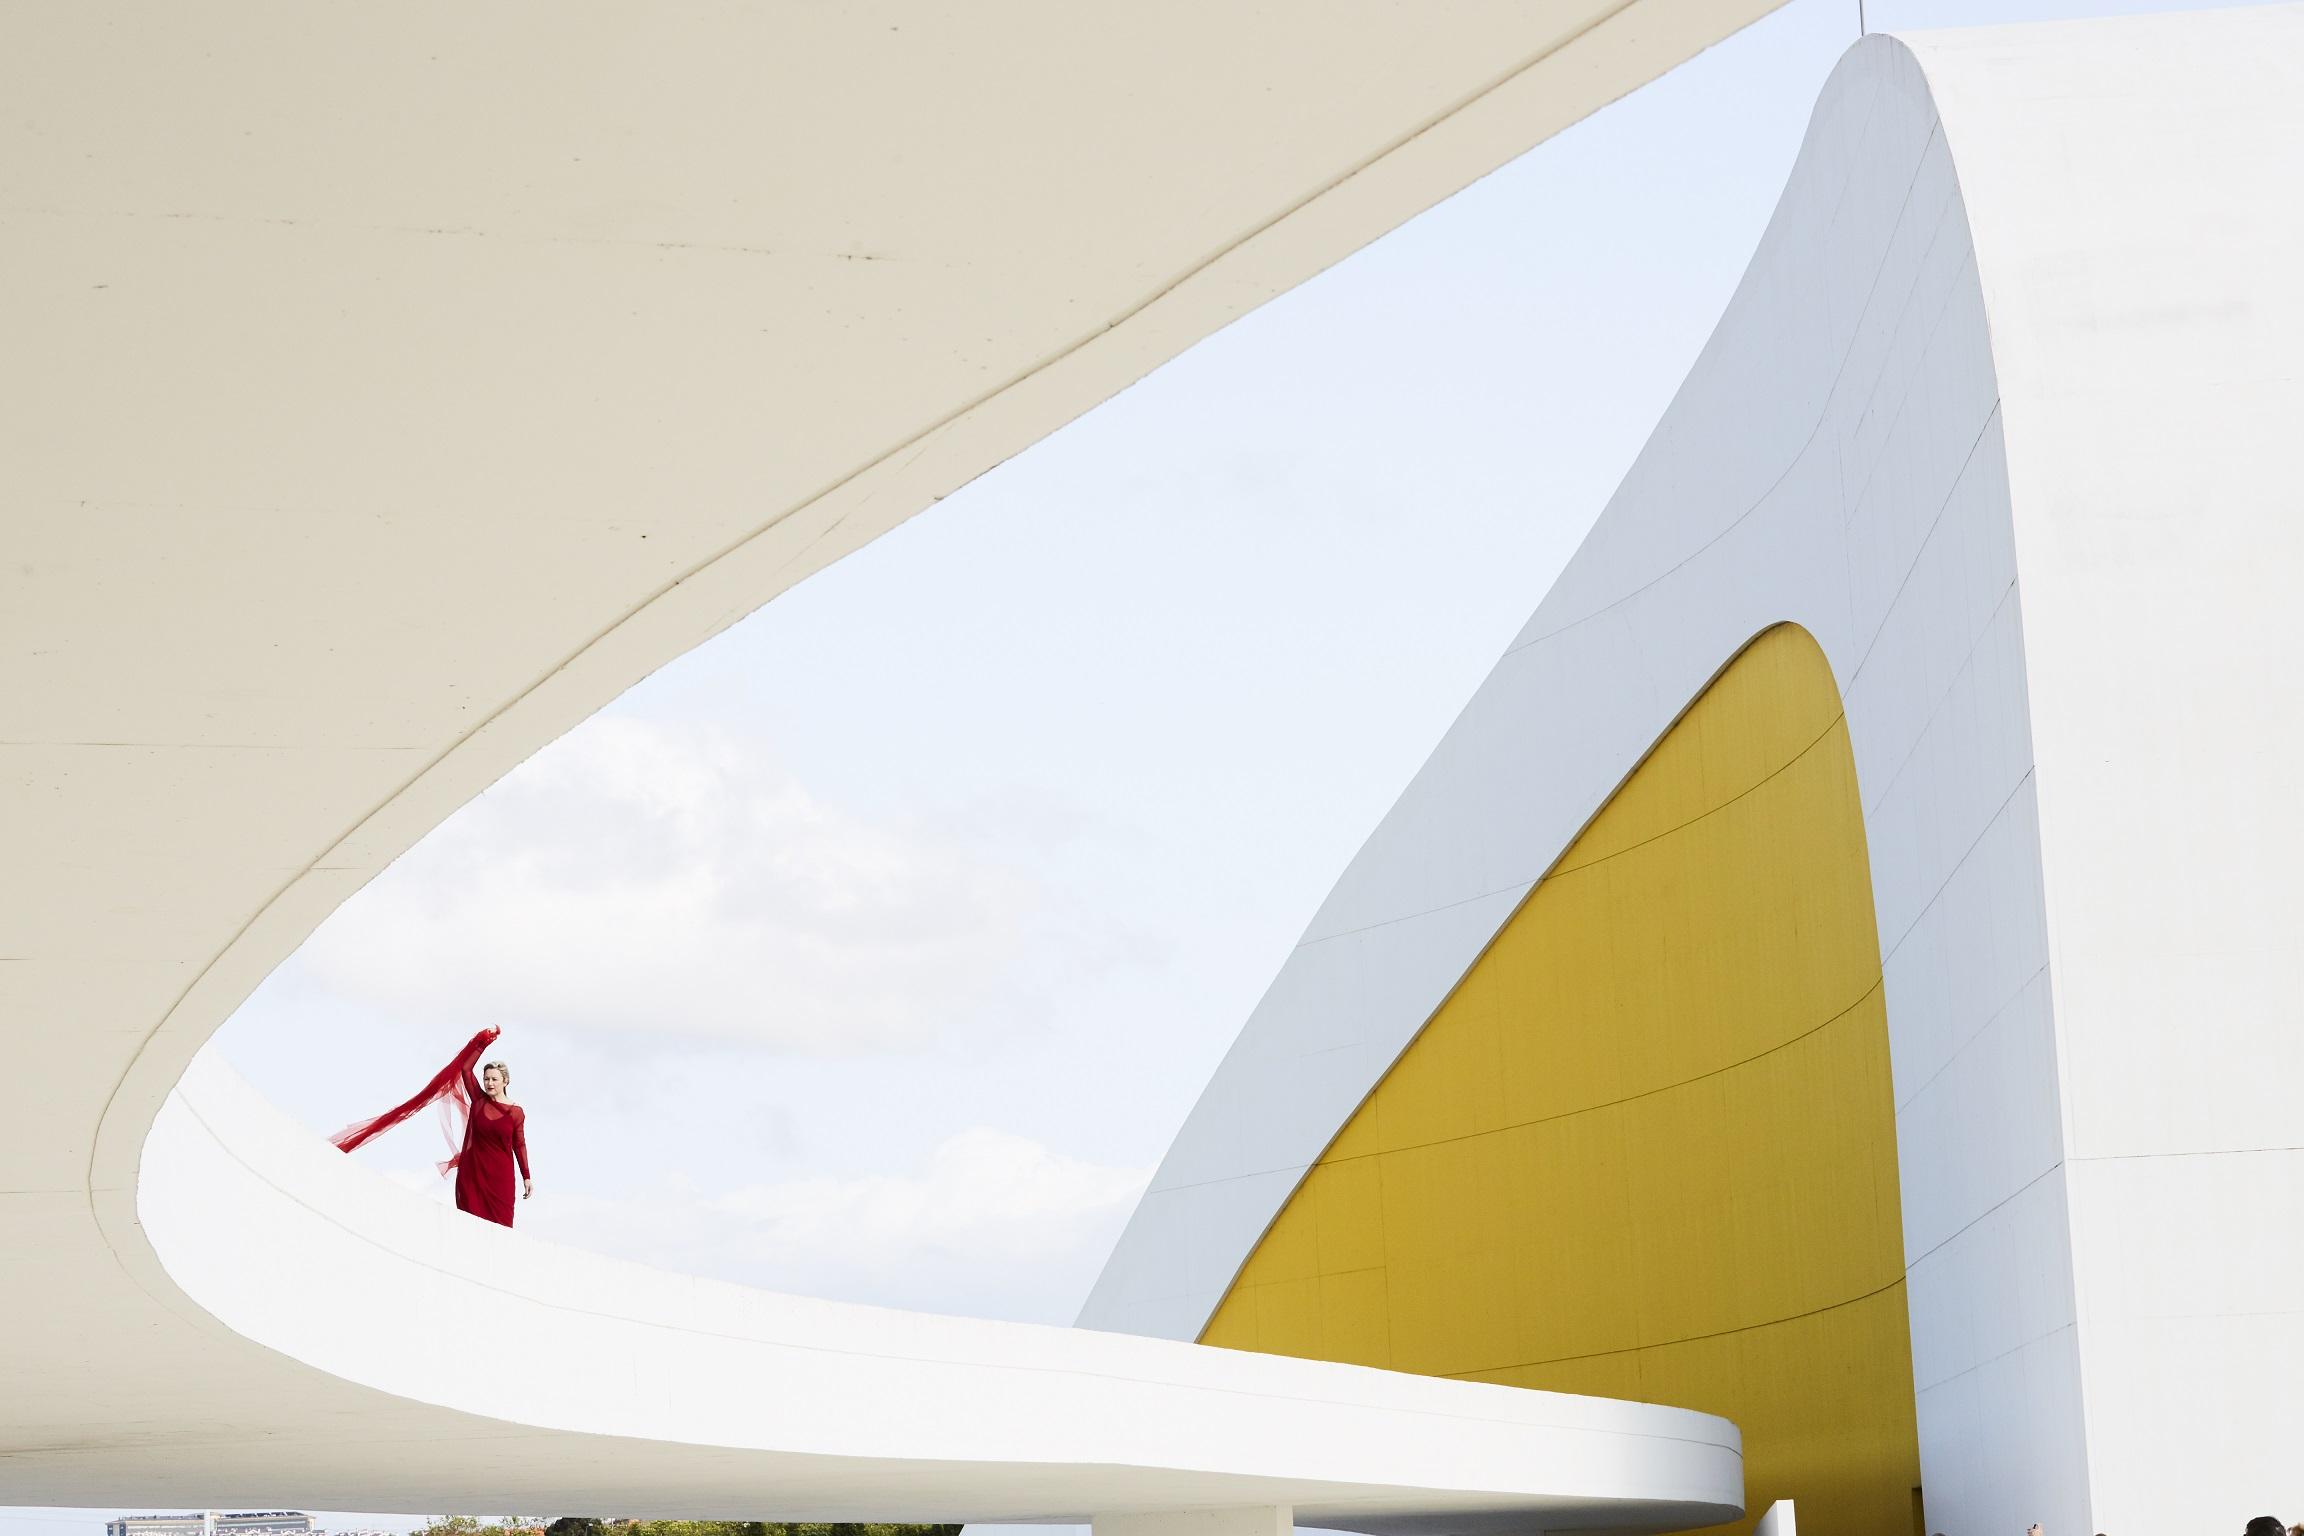 La exposición itinerante Centro Niemeyer. Reflejos de Asturias llega a Tineo / Tinéu